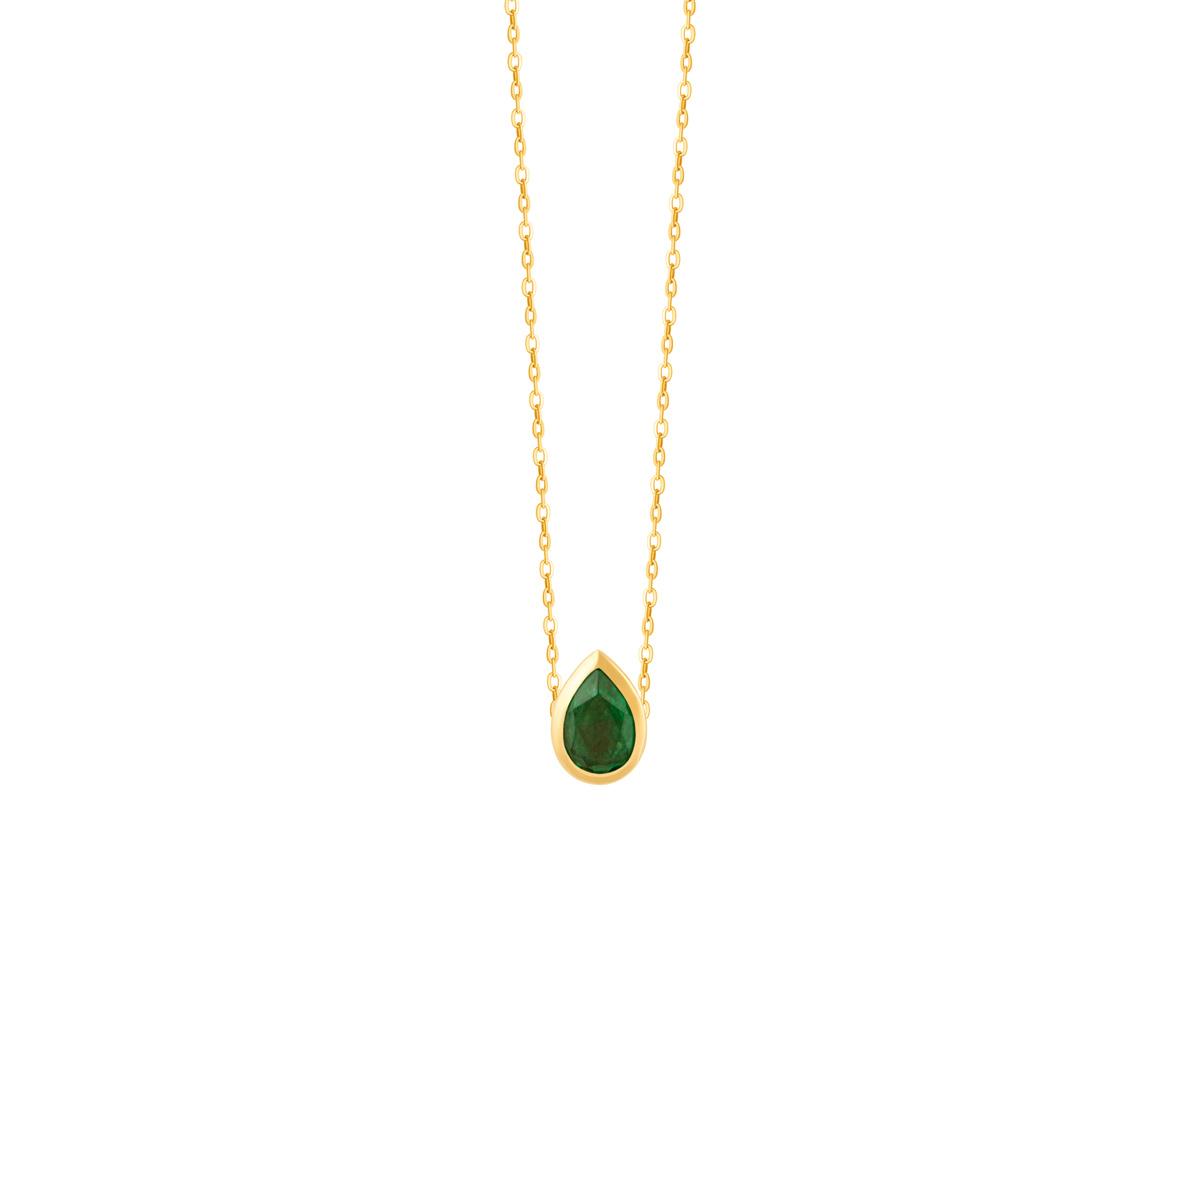 گردنبند طلا اشک سبز و دایره قرمز